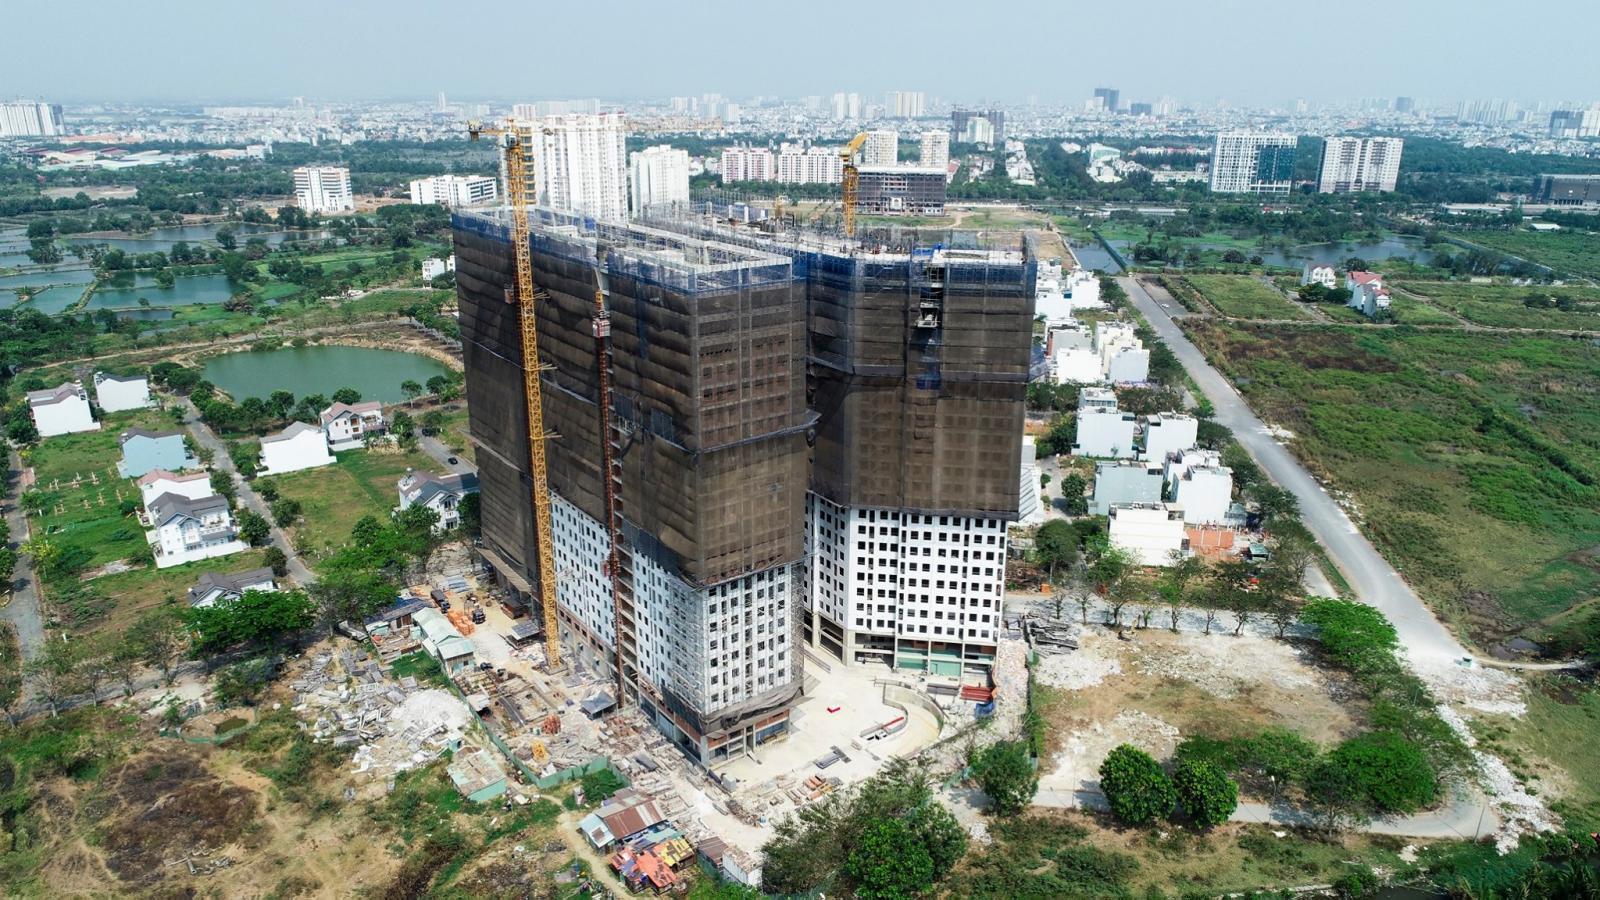 Ảnh chụp trên cao hai tòa chung cư đang xây dựng, bọc lưới đen bên ngoài, xung quanh là khu dân cư, ao, hồ.